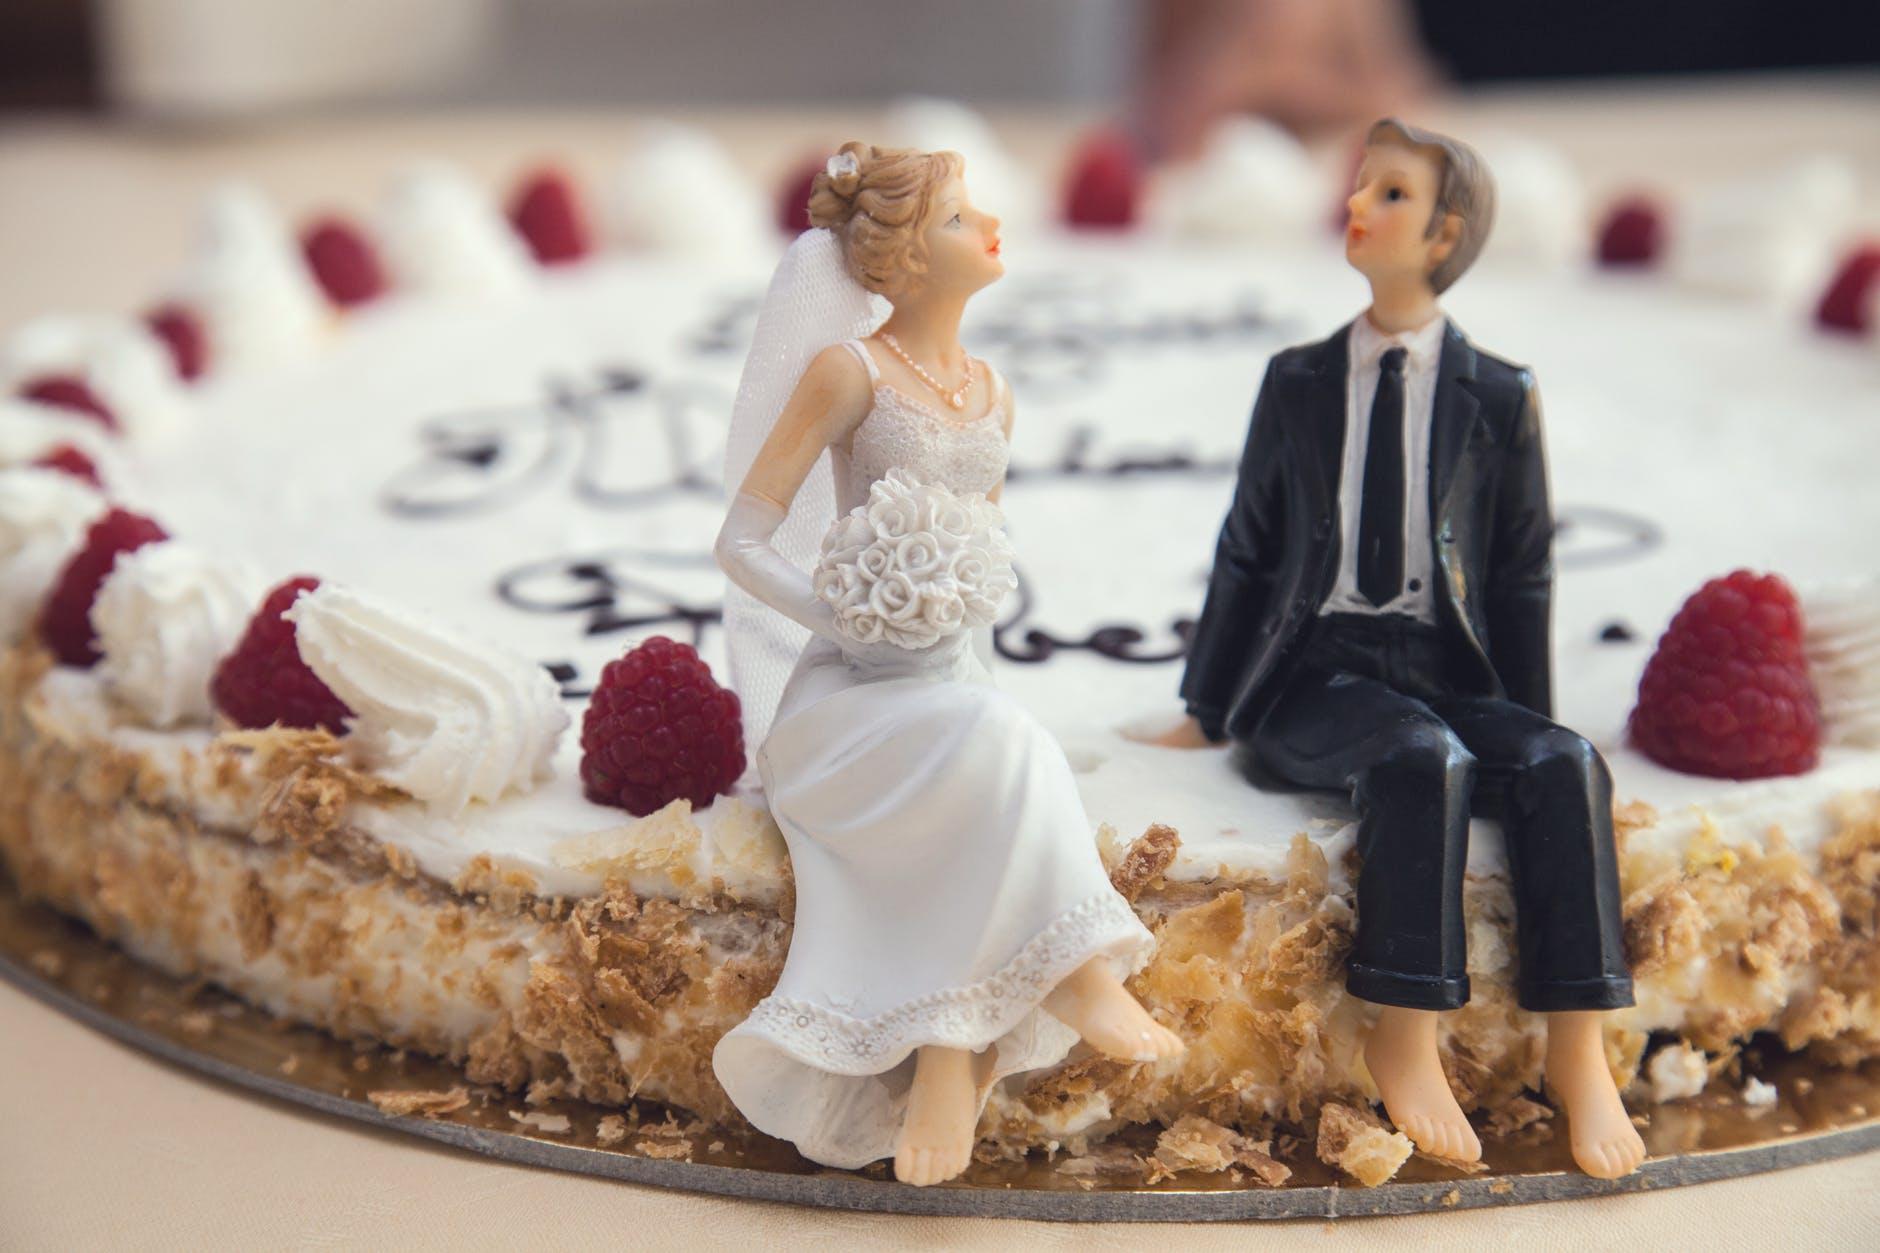 foodcouplesweetmarried